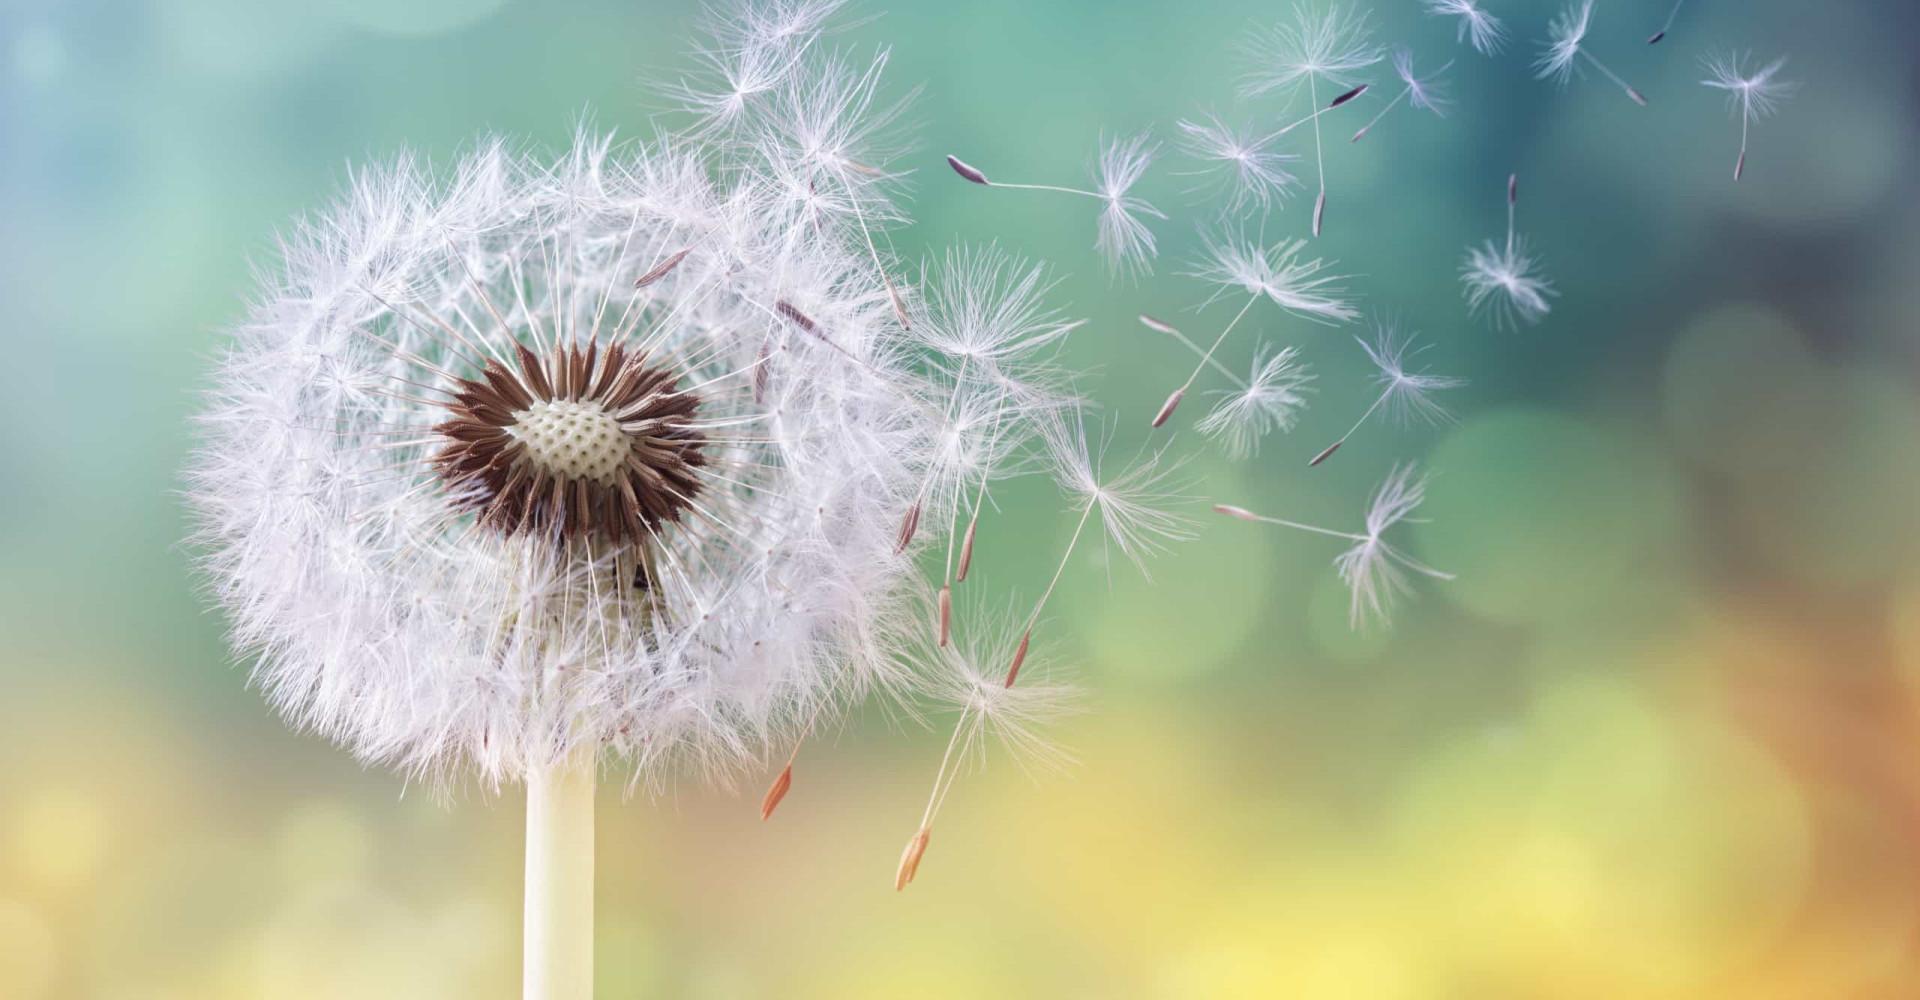 Dit bloemetje helpt je van je opgeblazen gevoel af